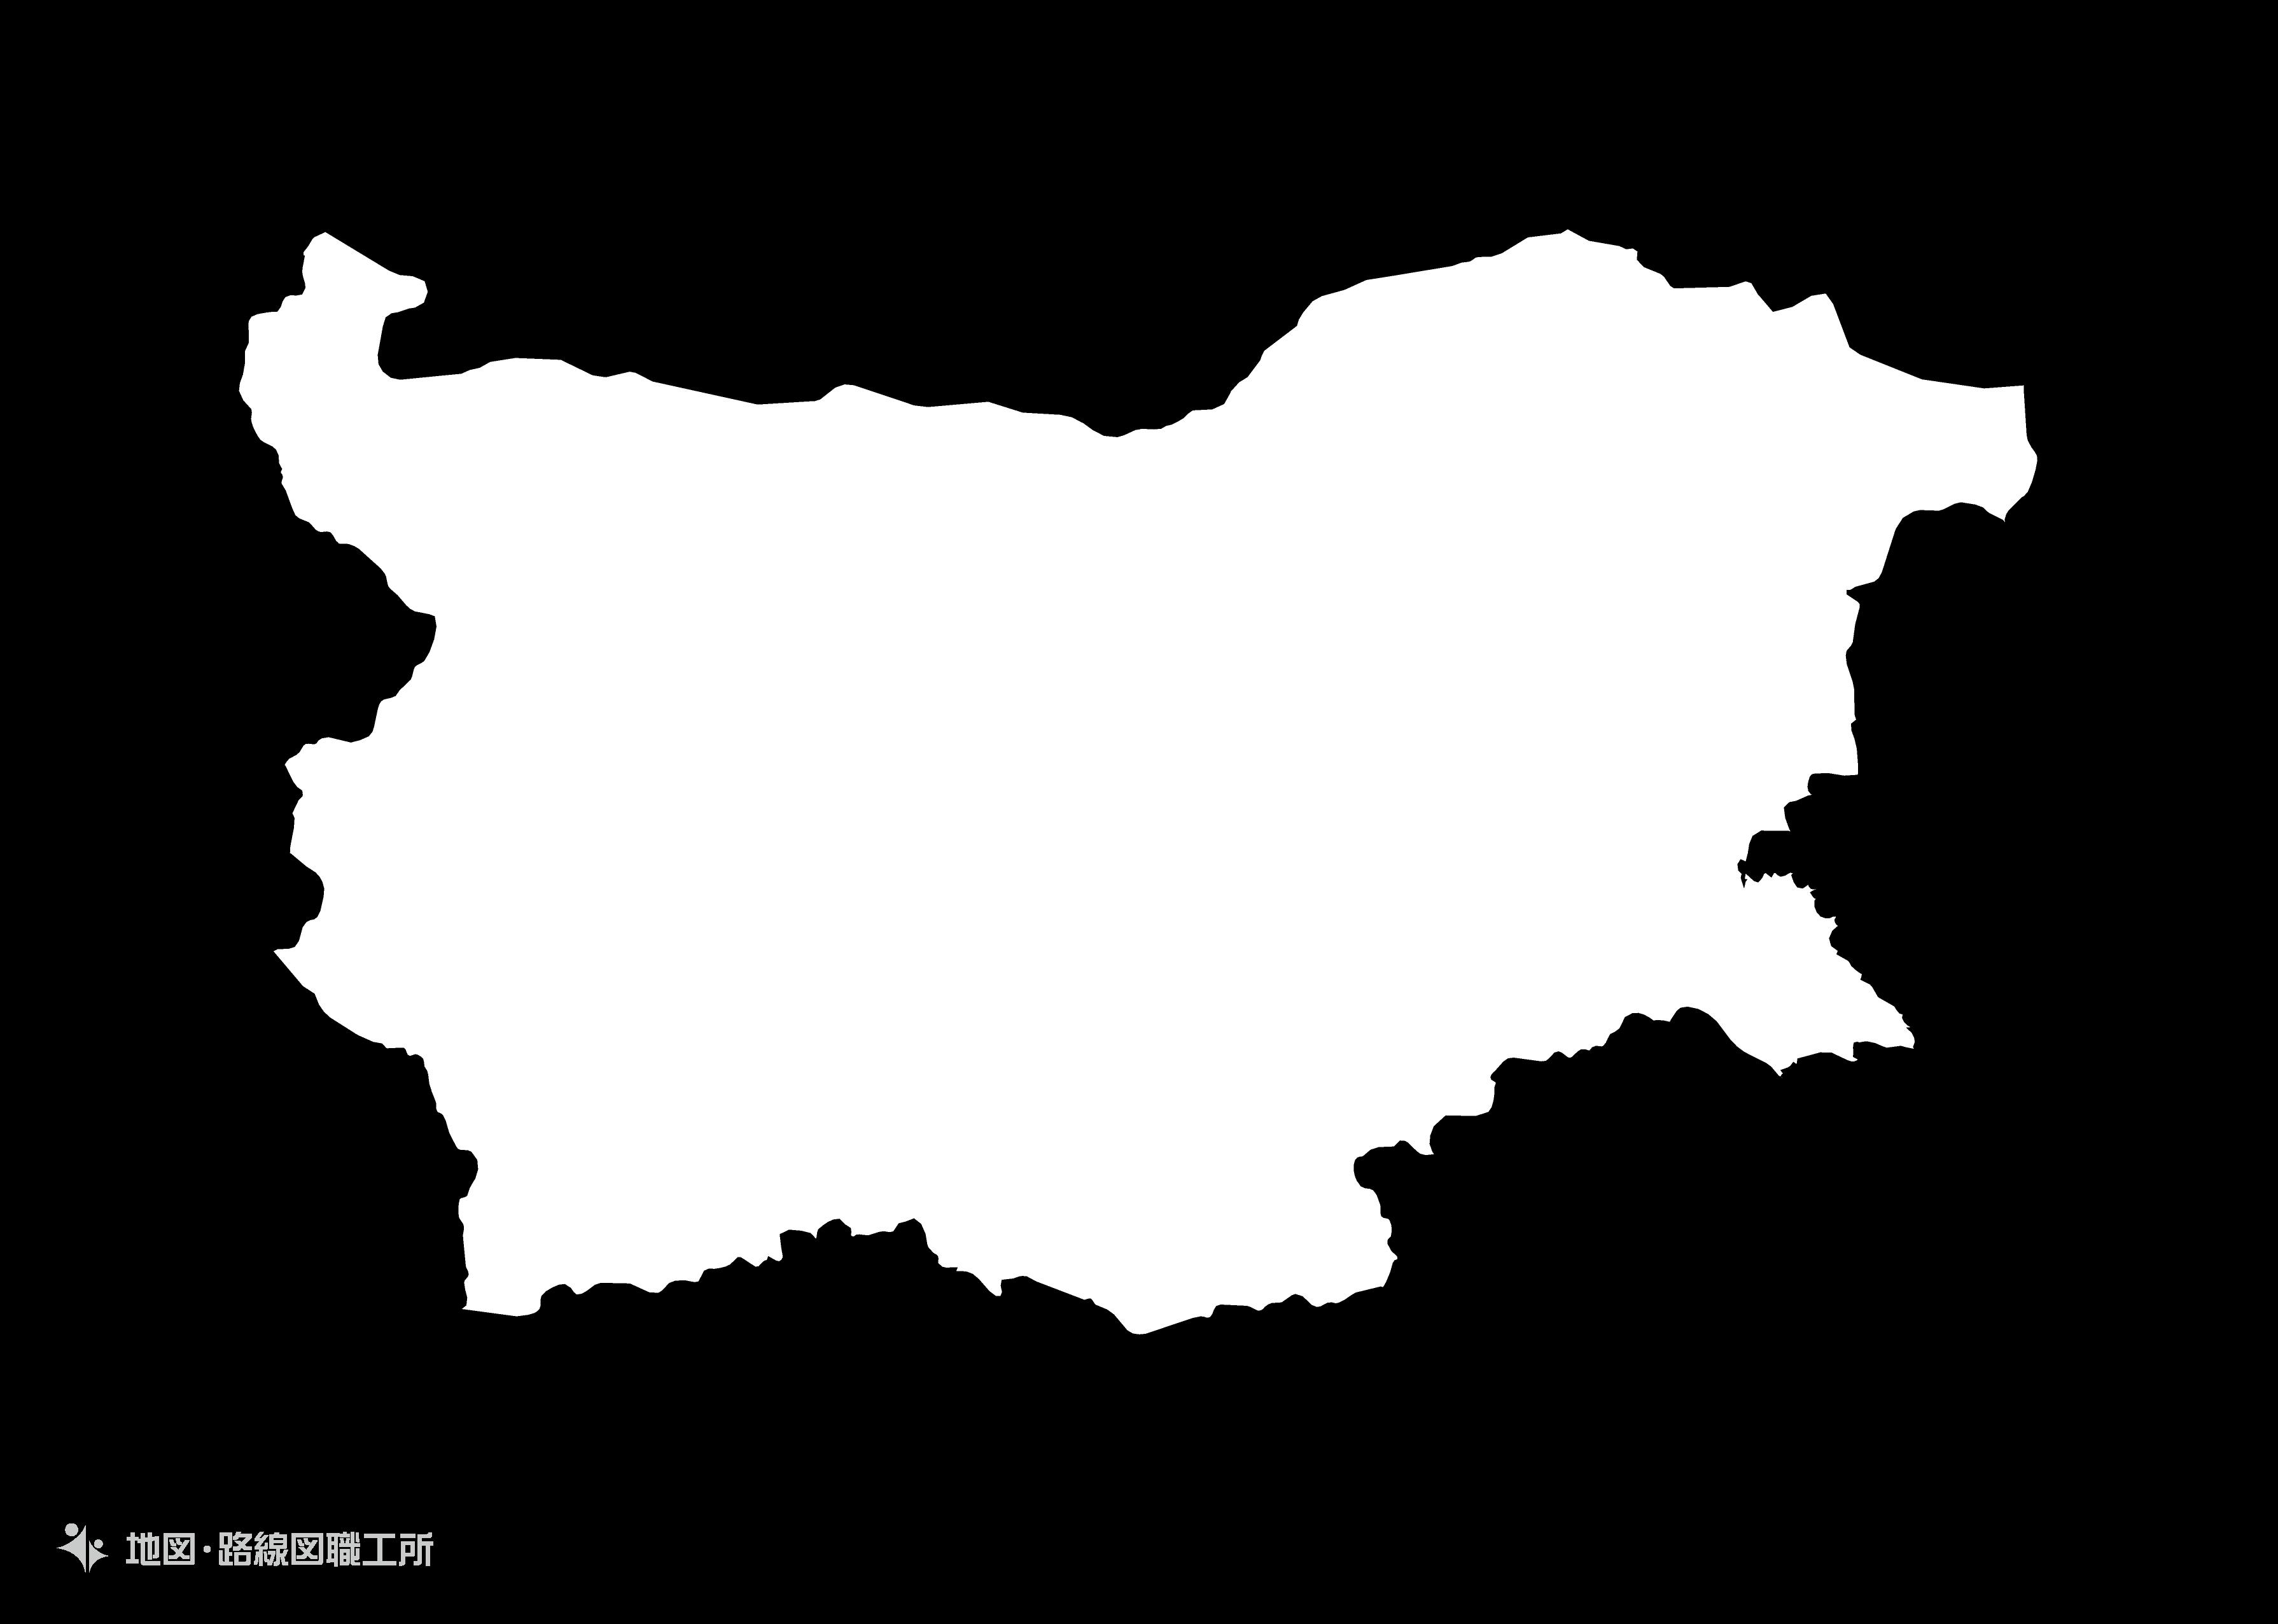 世界の白地図 ブルガリア共和国 republic-of-bulgaria map